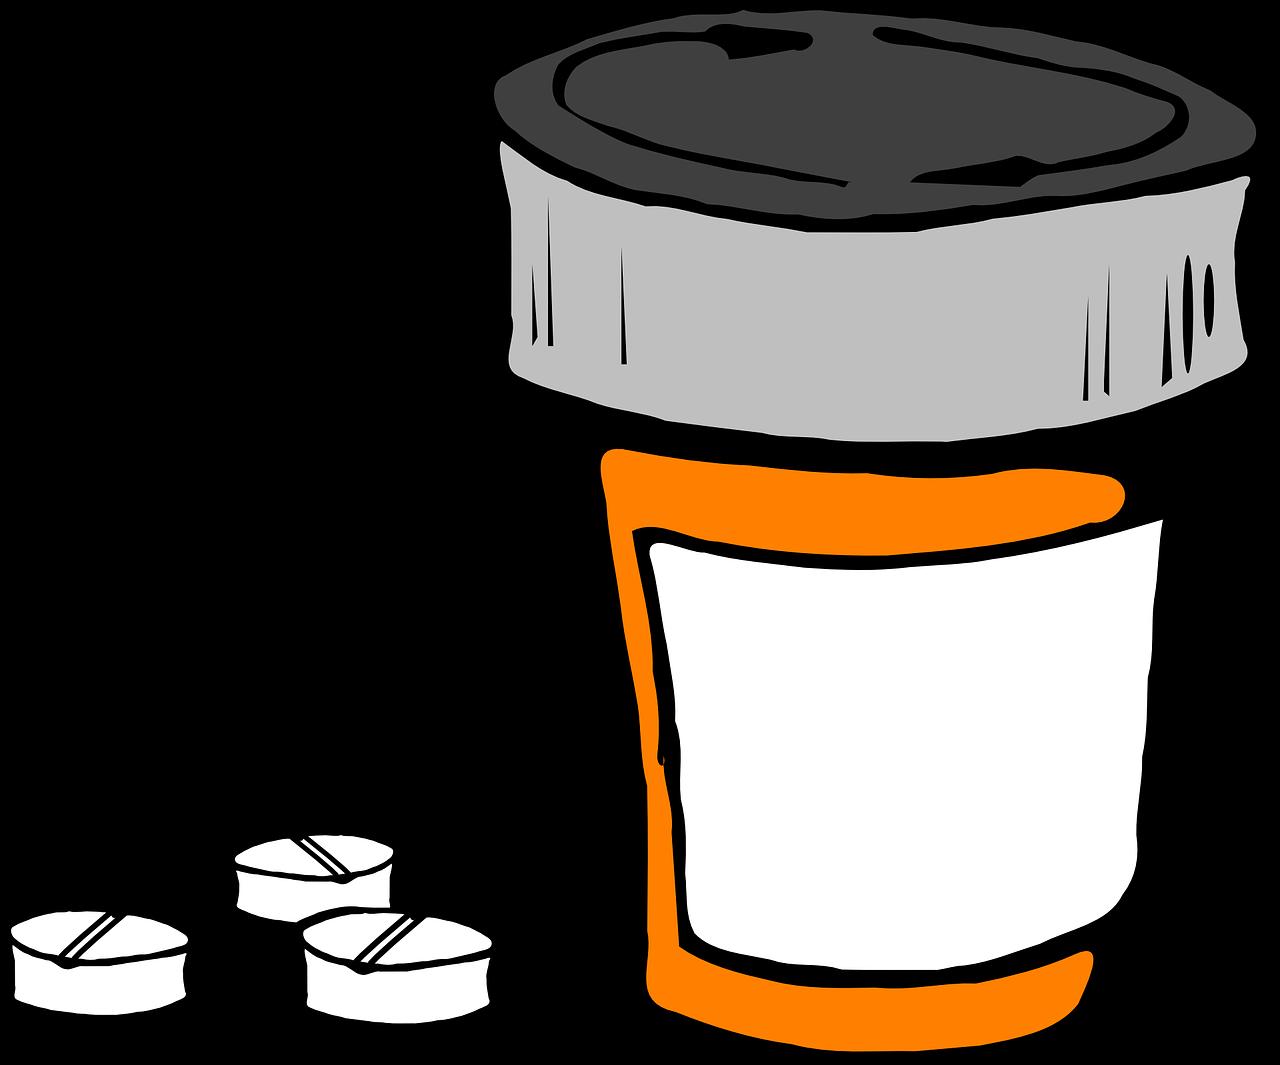 pill-bottle-311809_1280.png